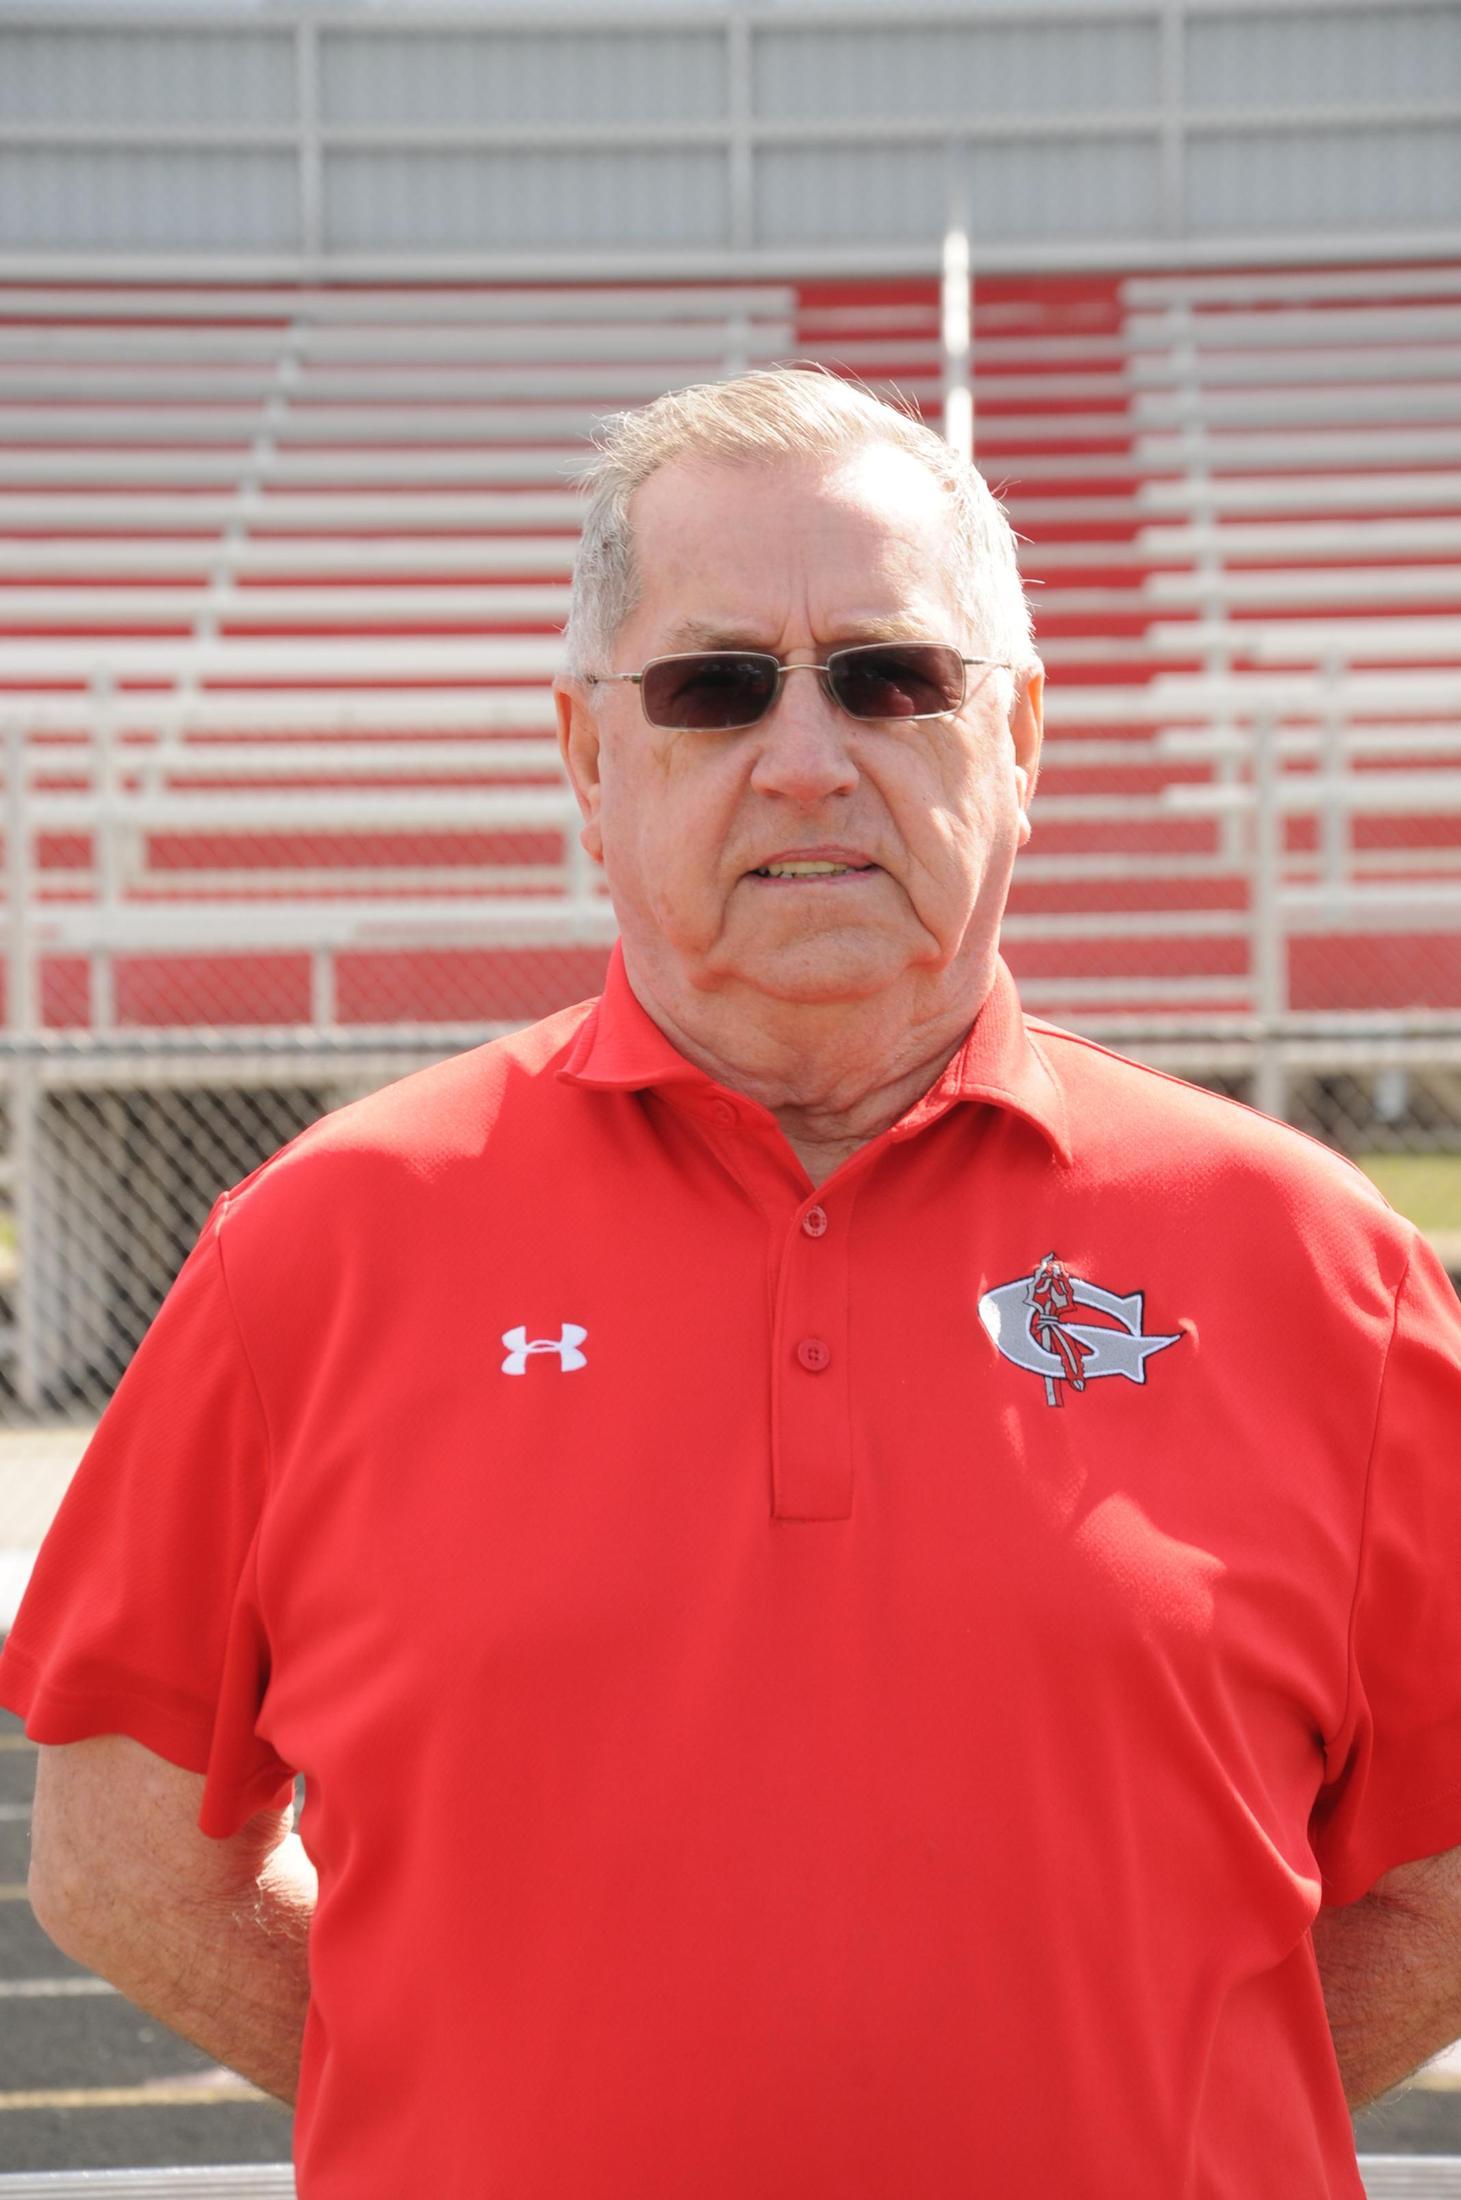 Coach Bailey